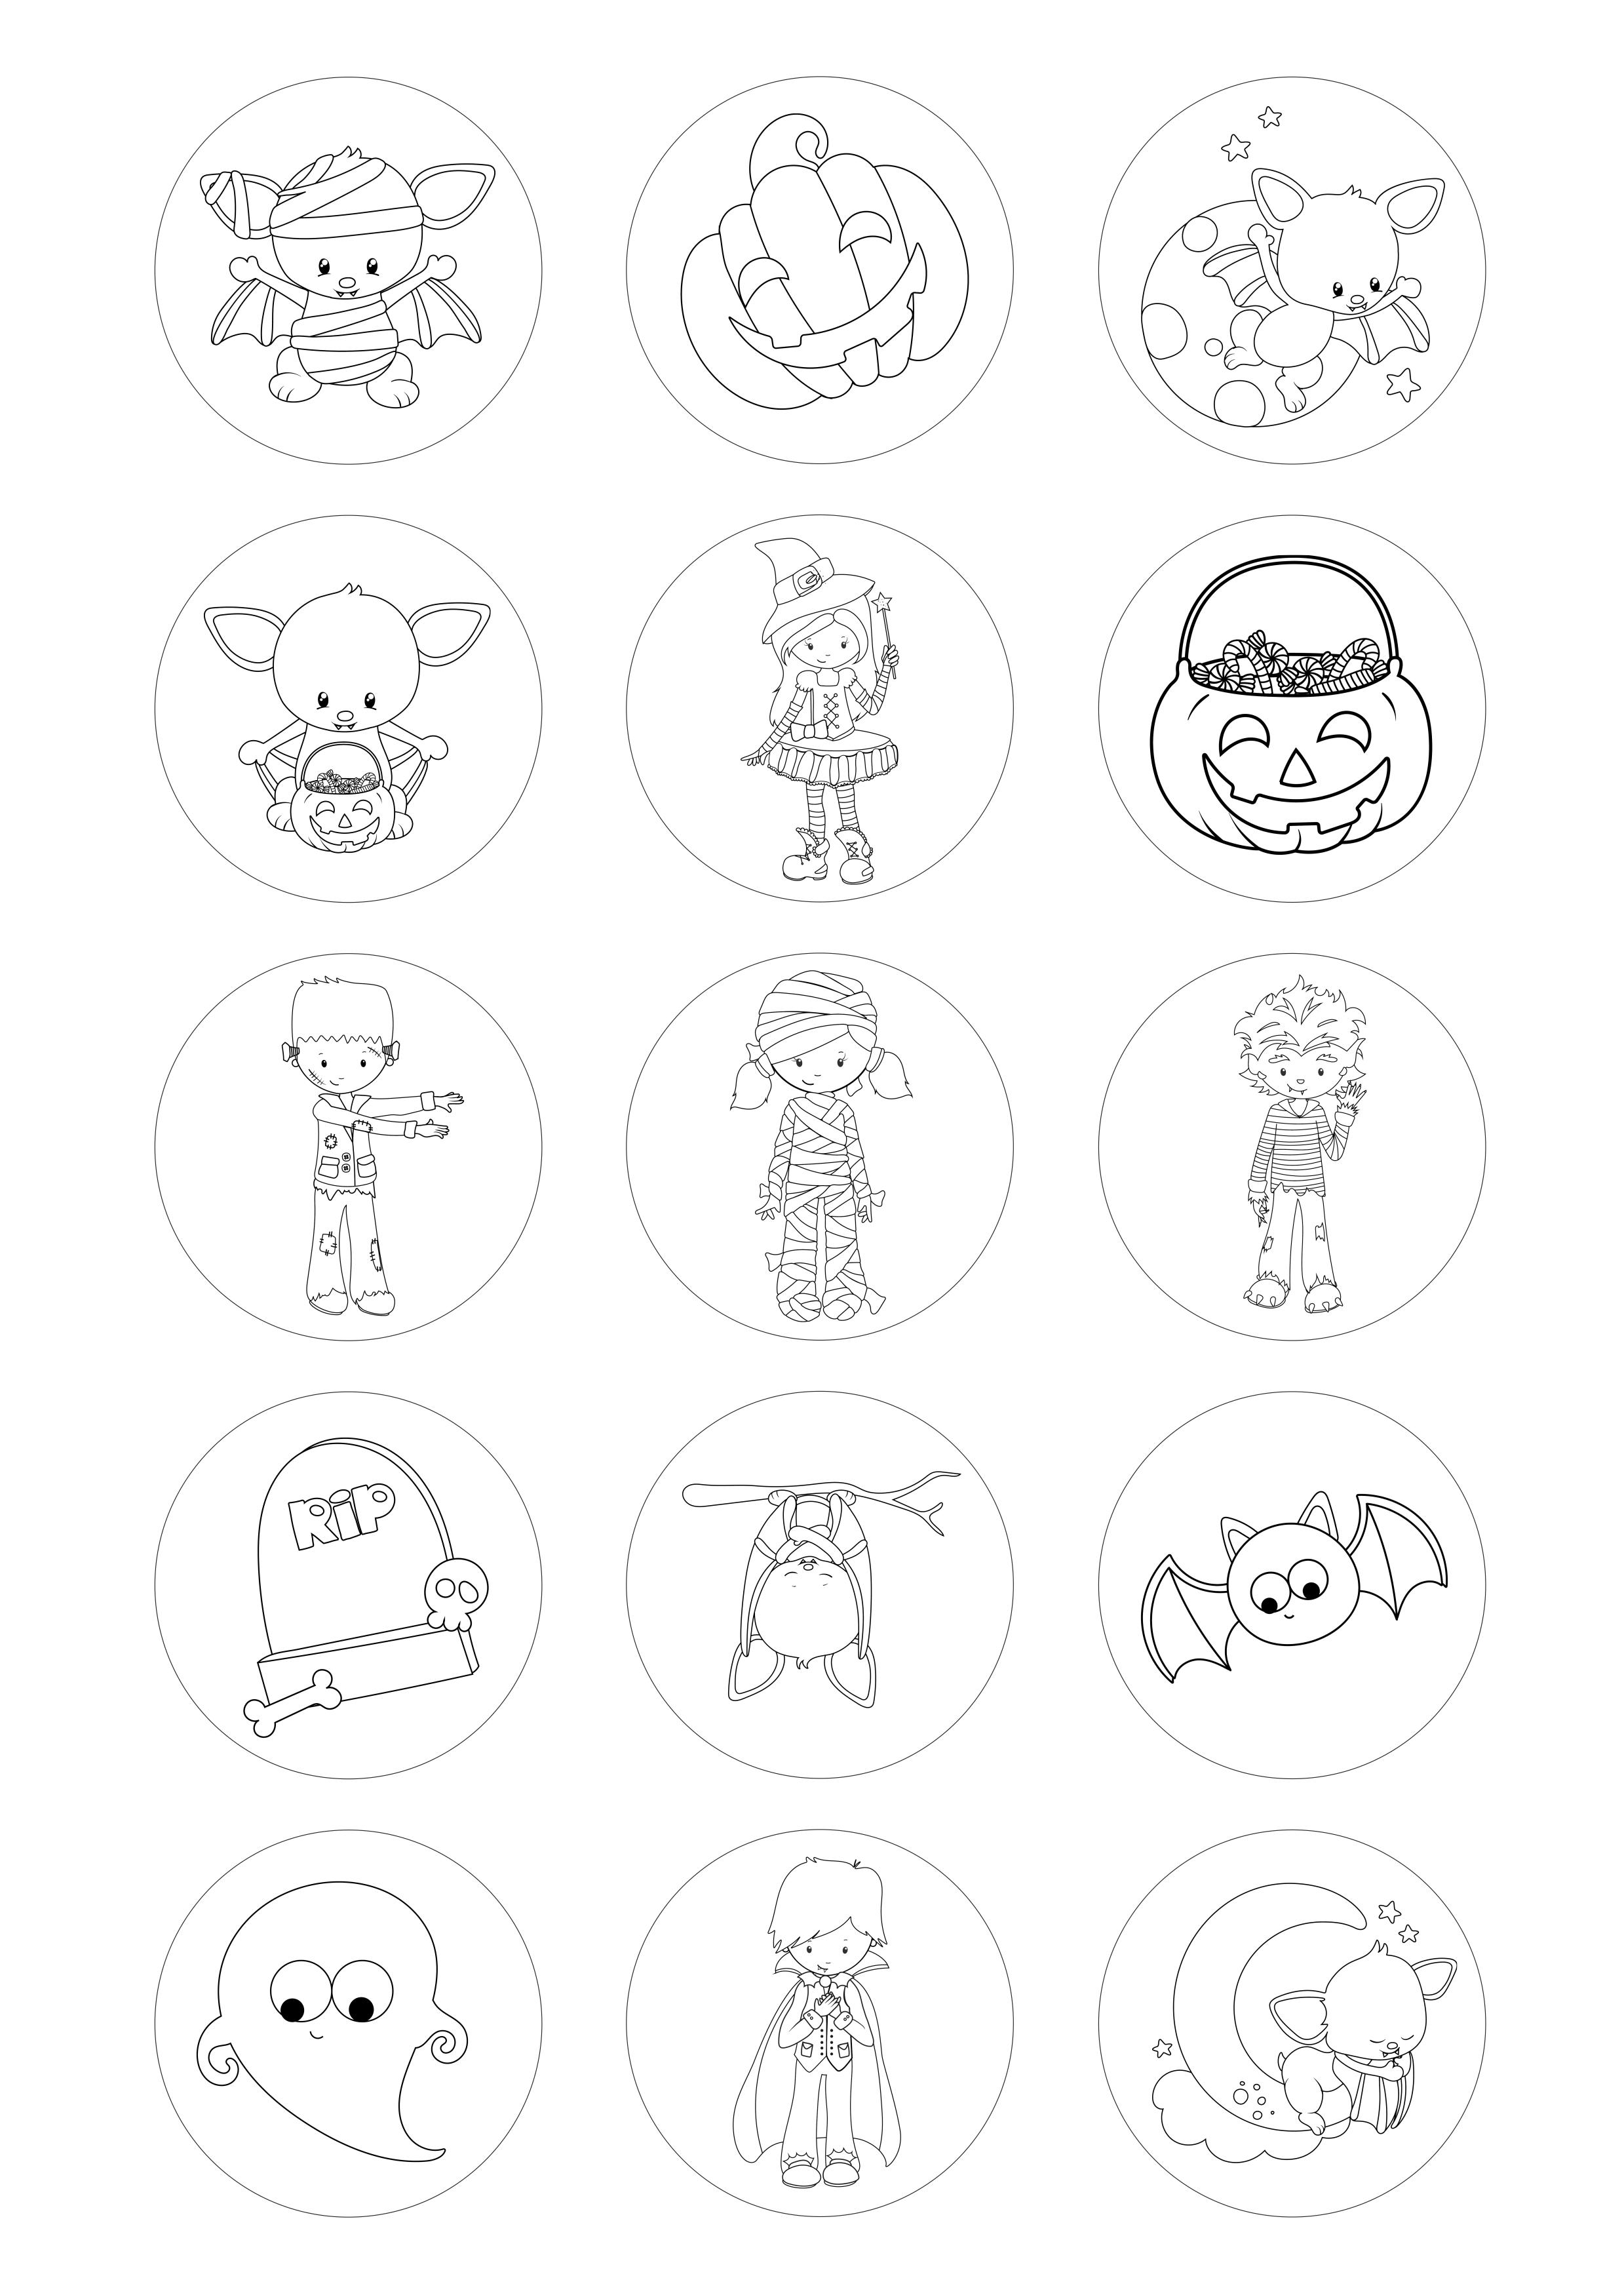 Circulos De 5 Cm Desenhos Para Colorir Halloween Modelo 2